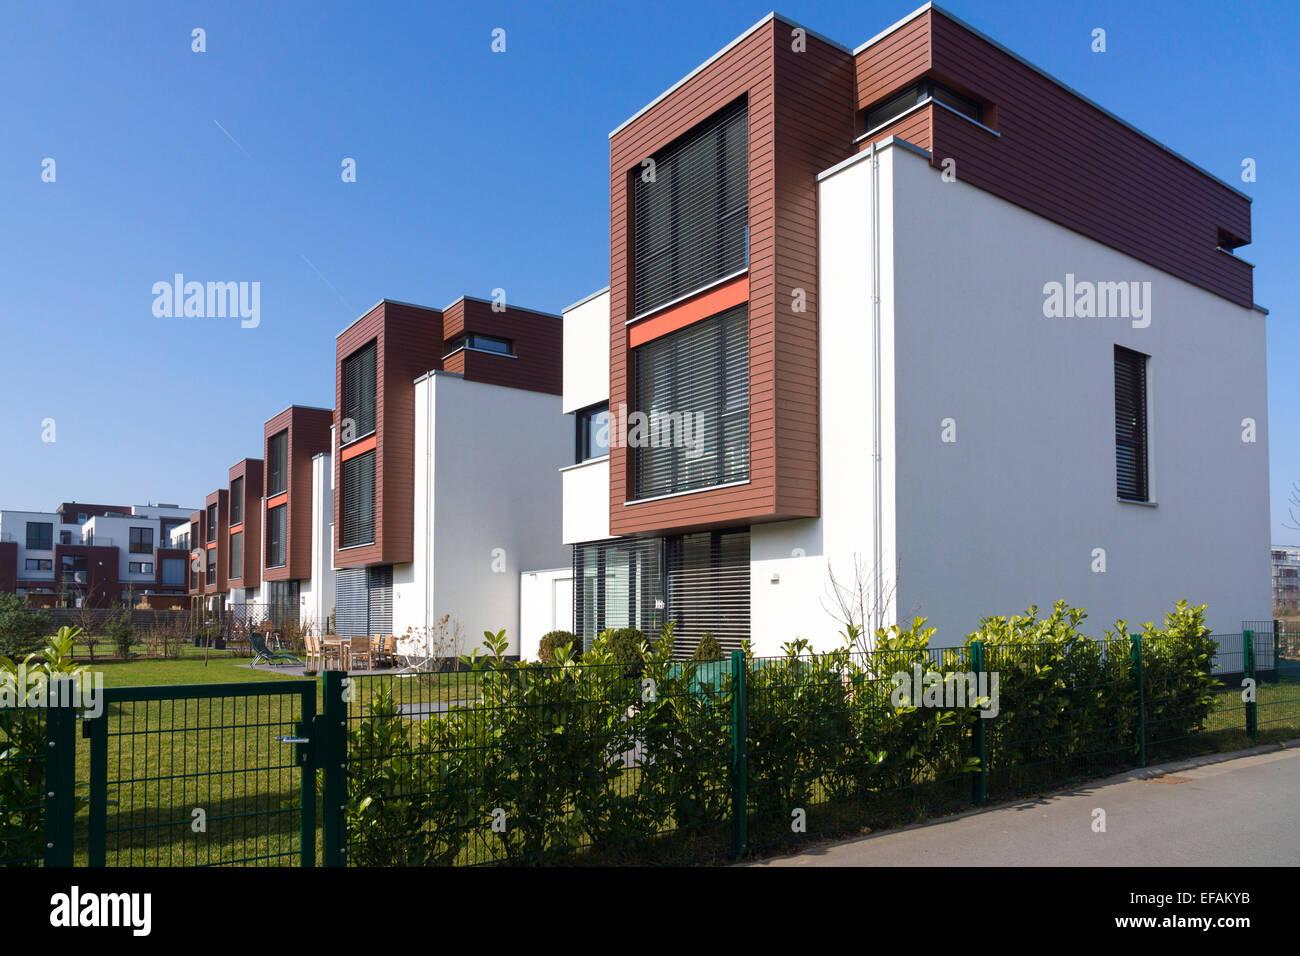 Einfamilienhaus moderne architektur im bauhausstil riedenberg frankfurt am main deutschland - Moderne architektur in deutschland ...